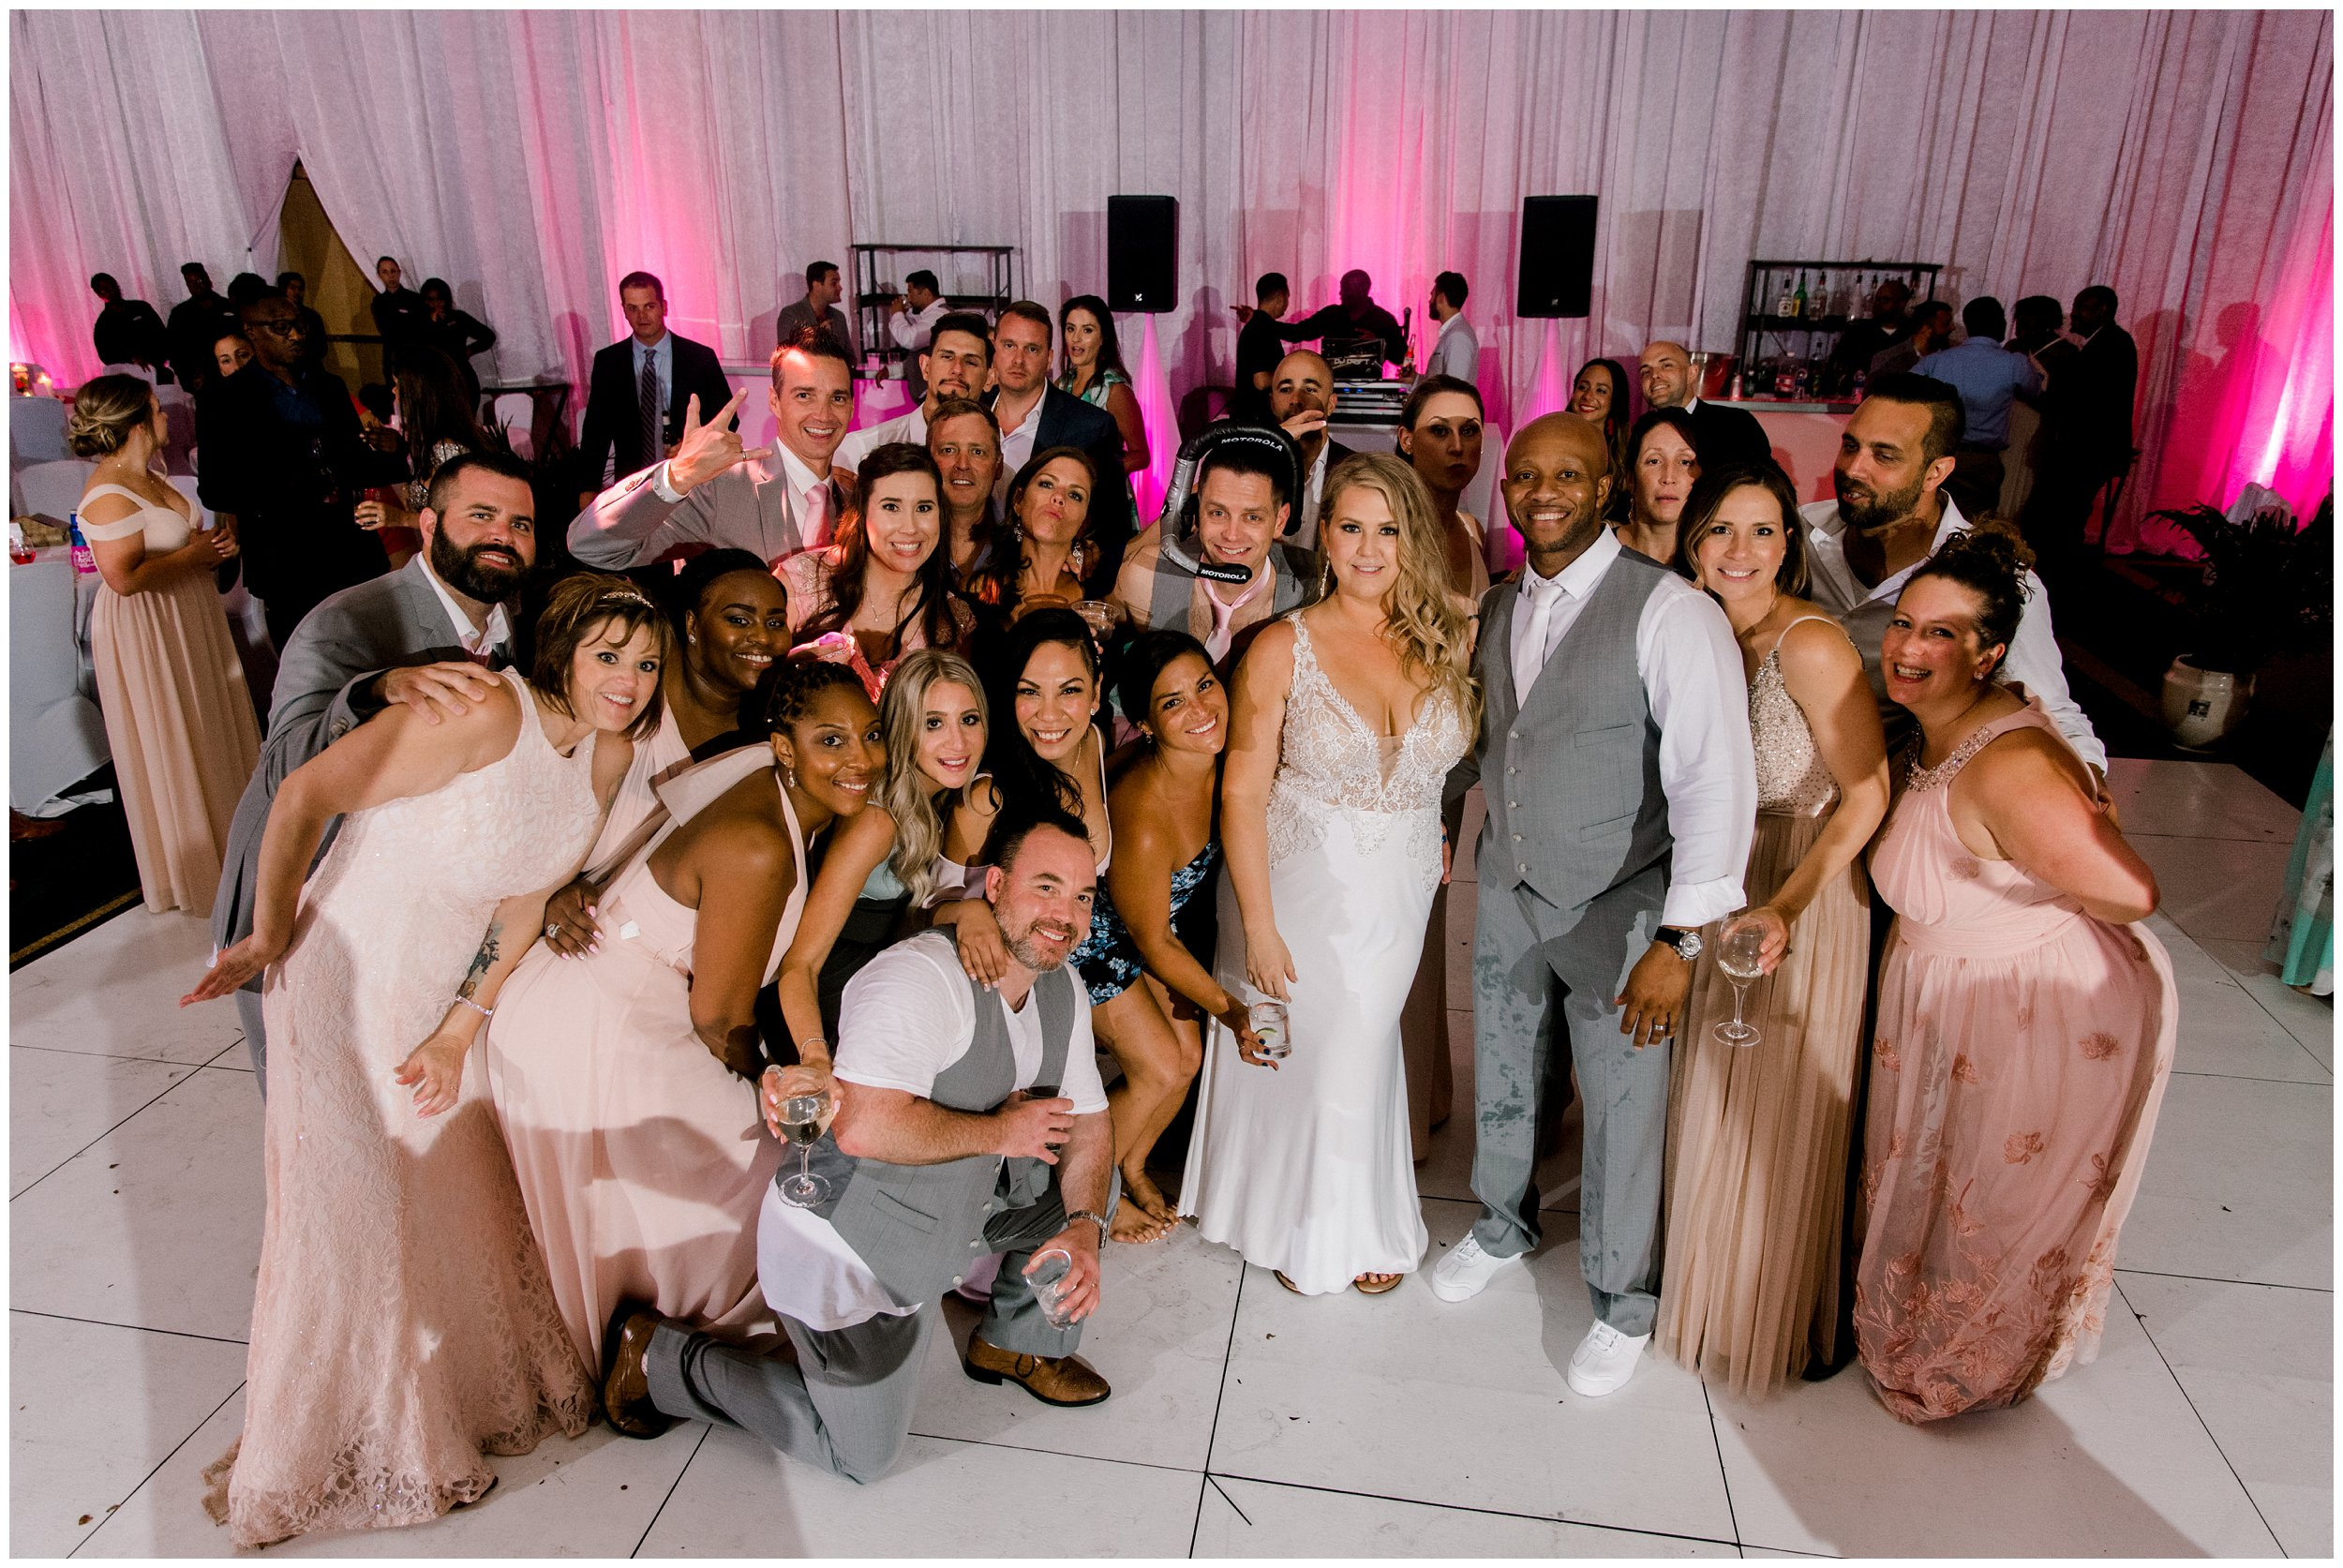 Maryland wedding reception group photo